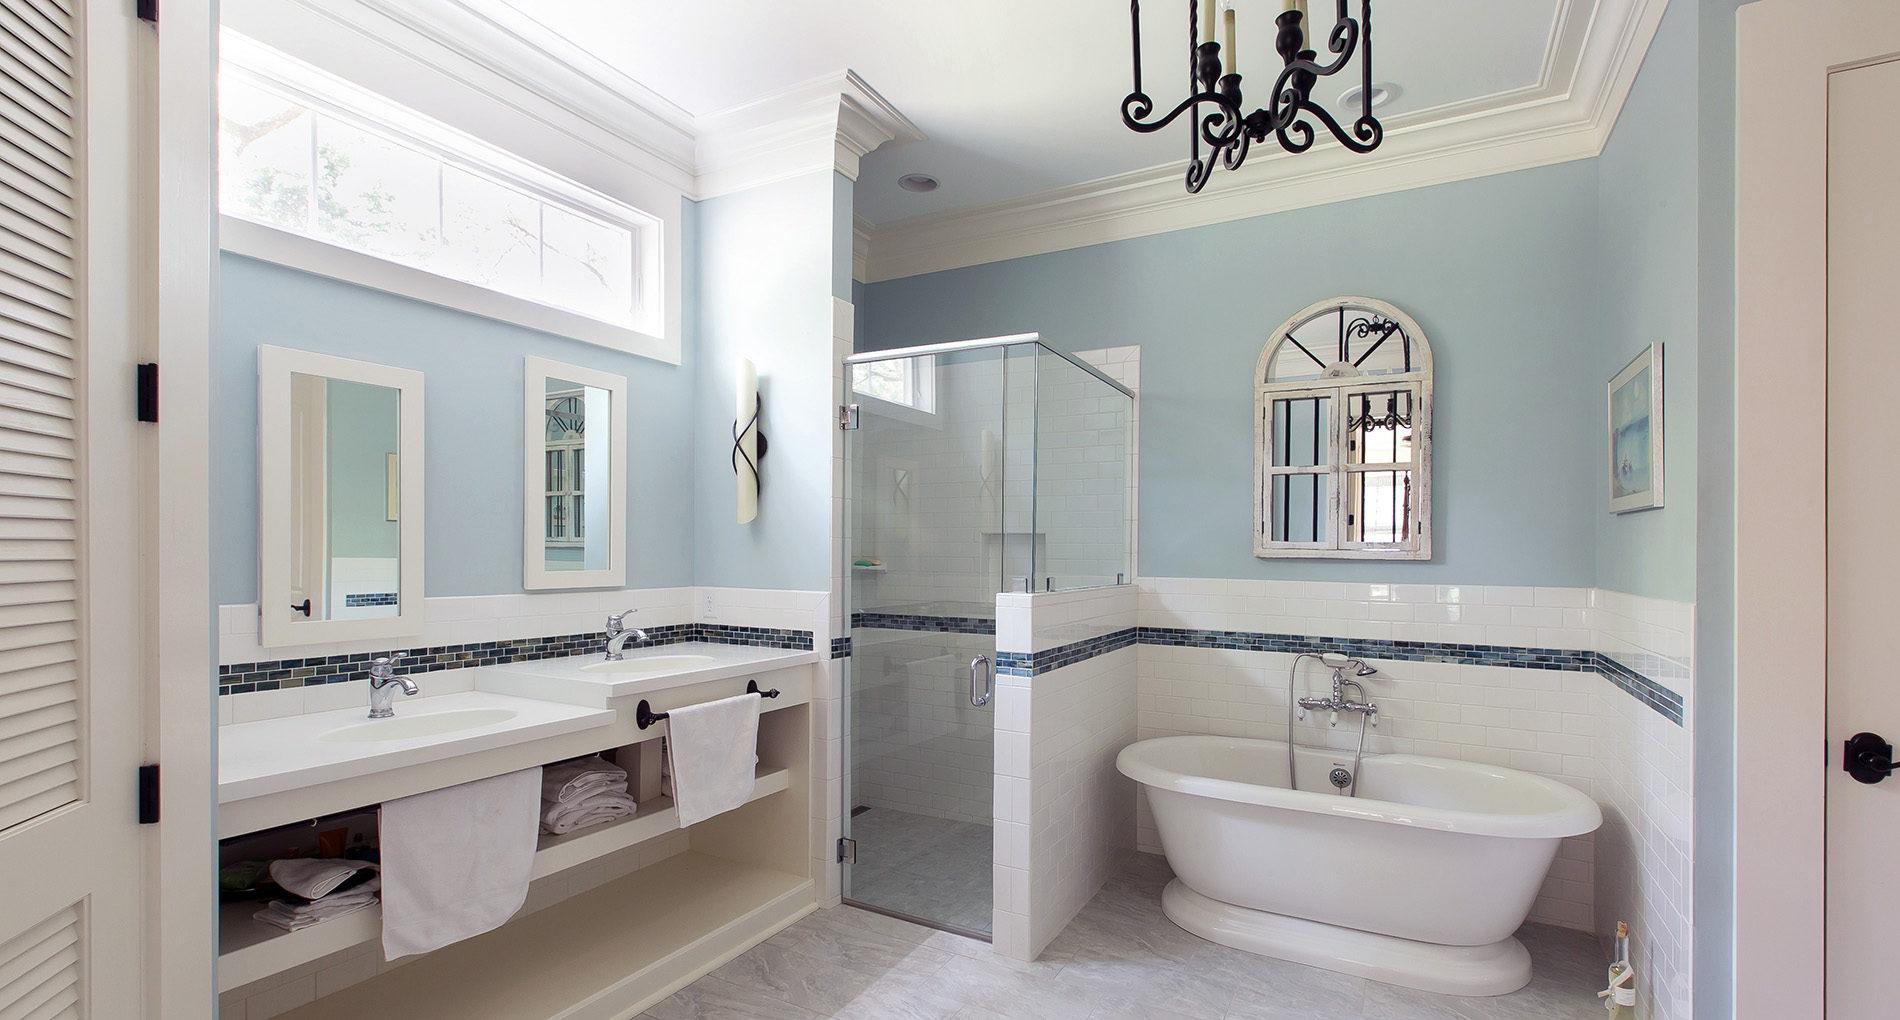 Mount Pleasant Custom Bathroom Remodeling Design Alair Homes - 1900 bathroom remodel